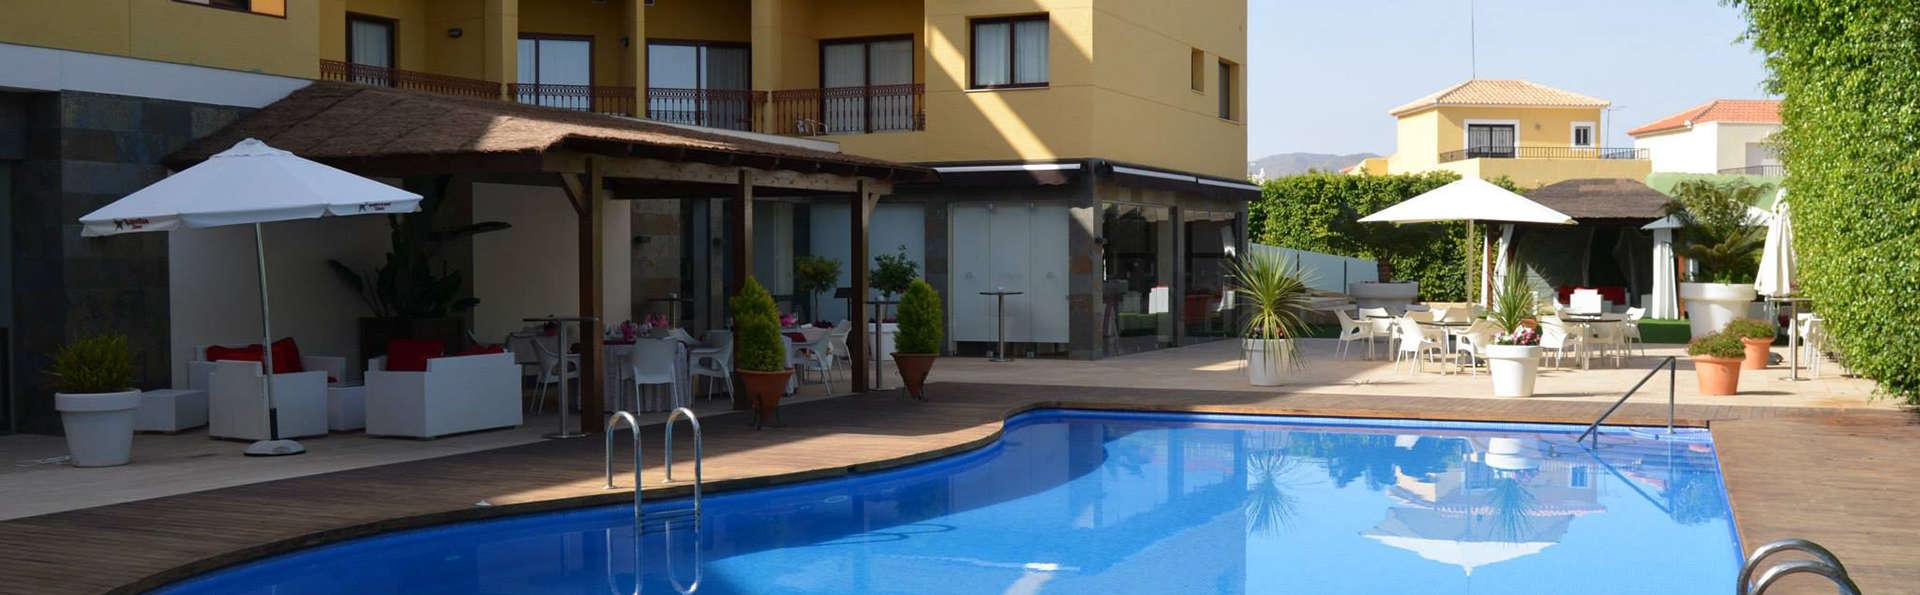 Hotel Playasol - EDIT_pool1.jpg